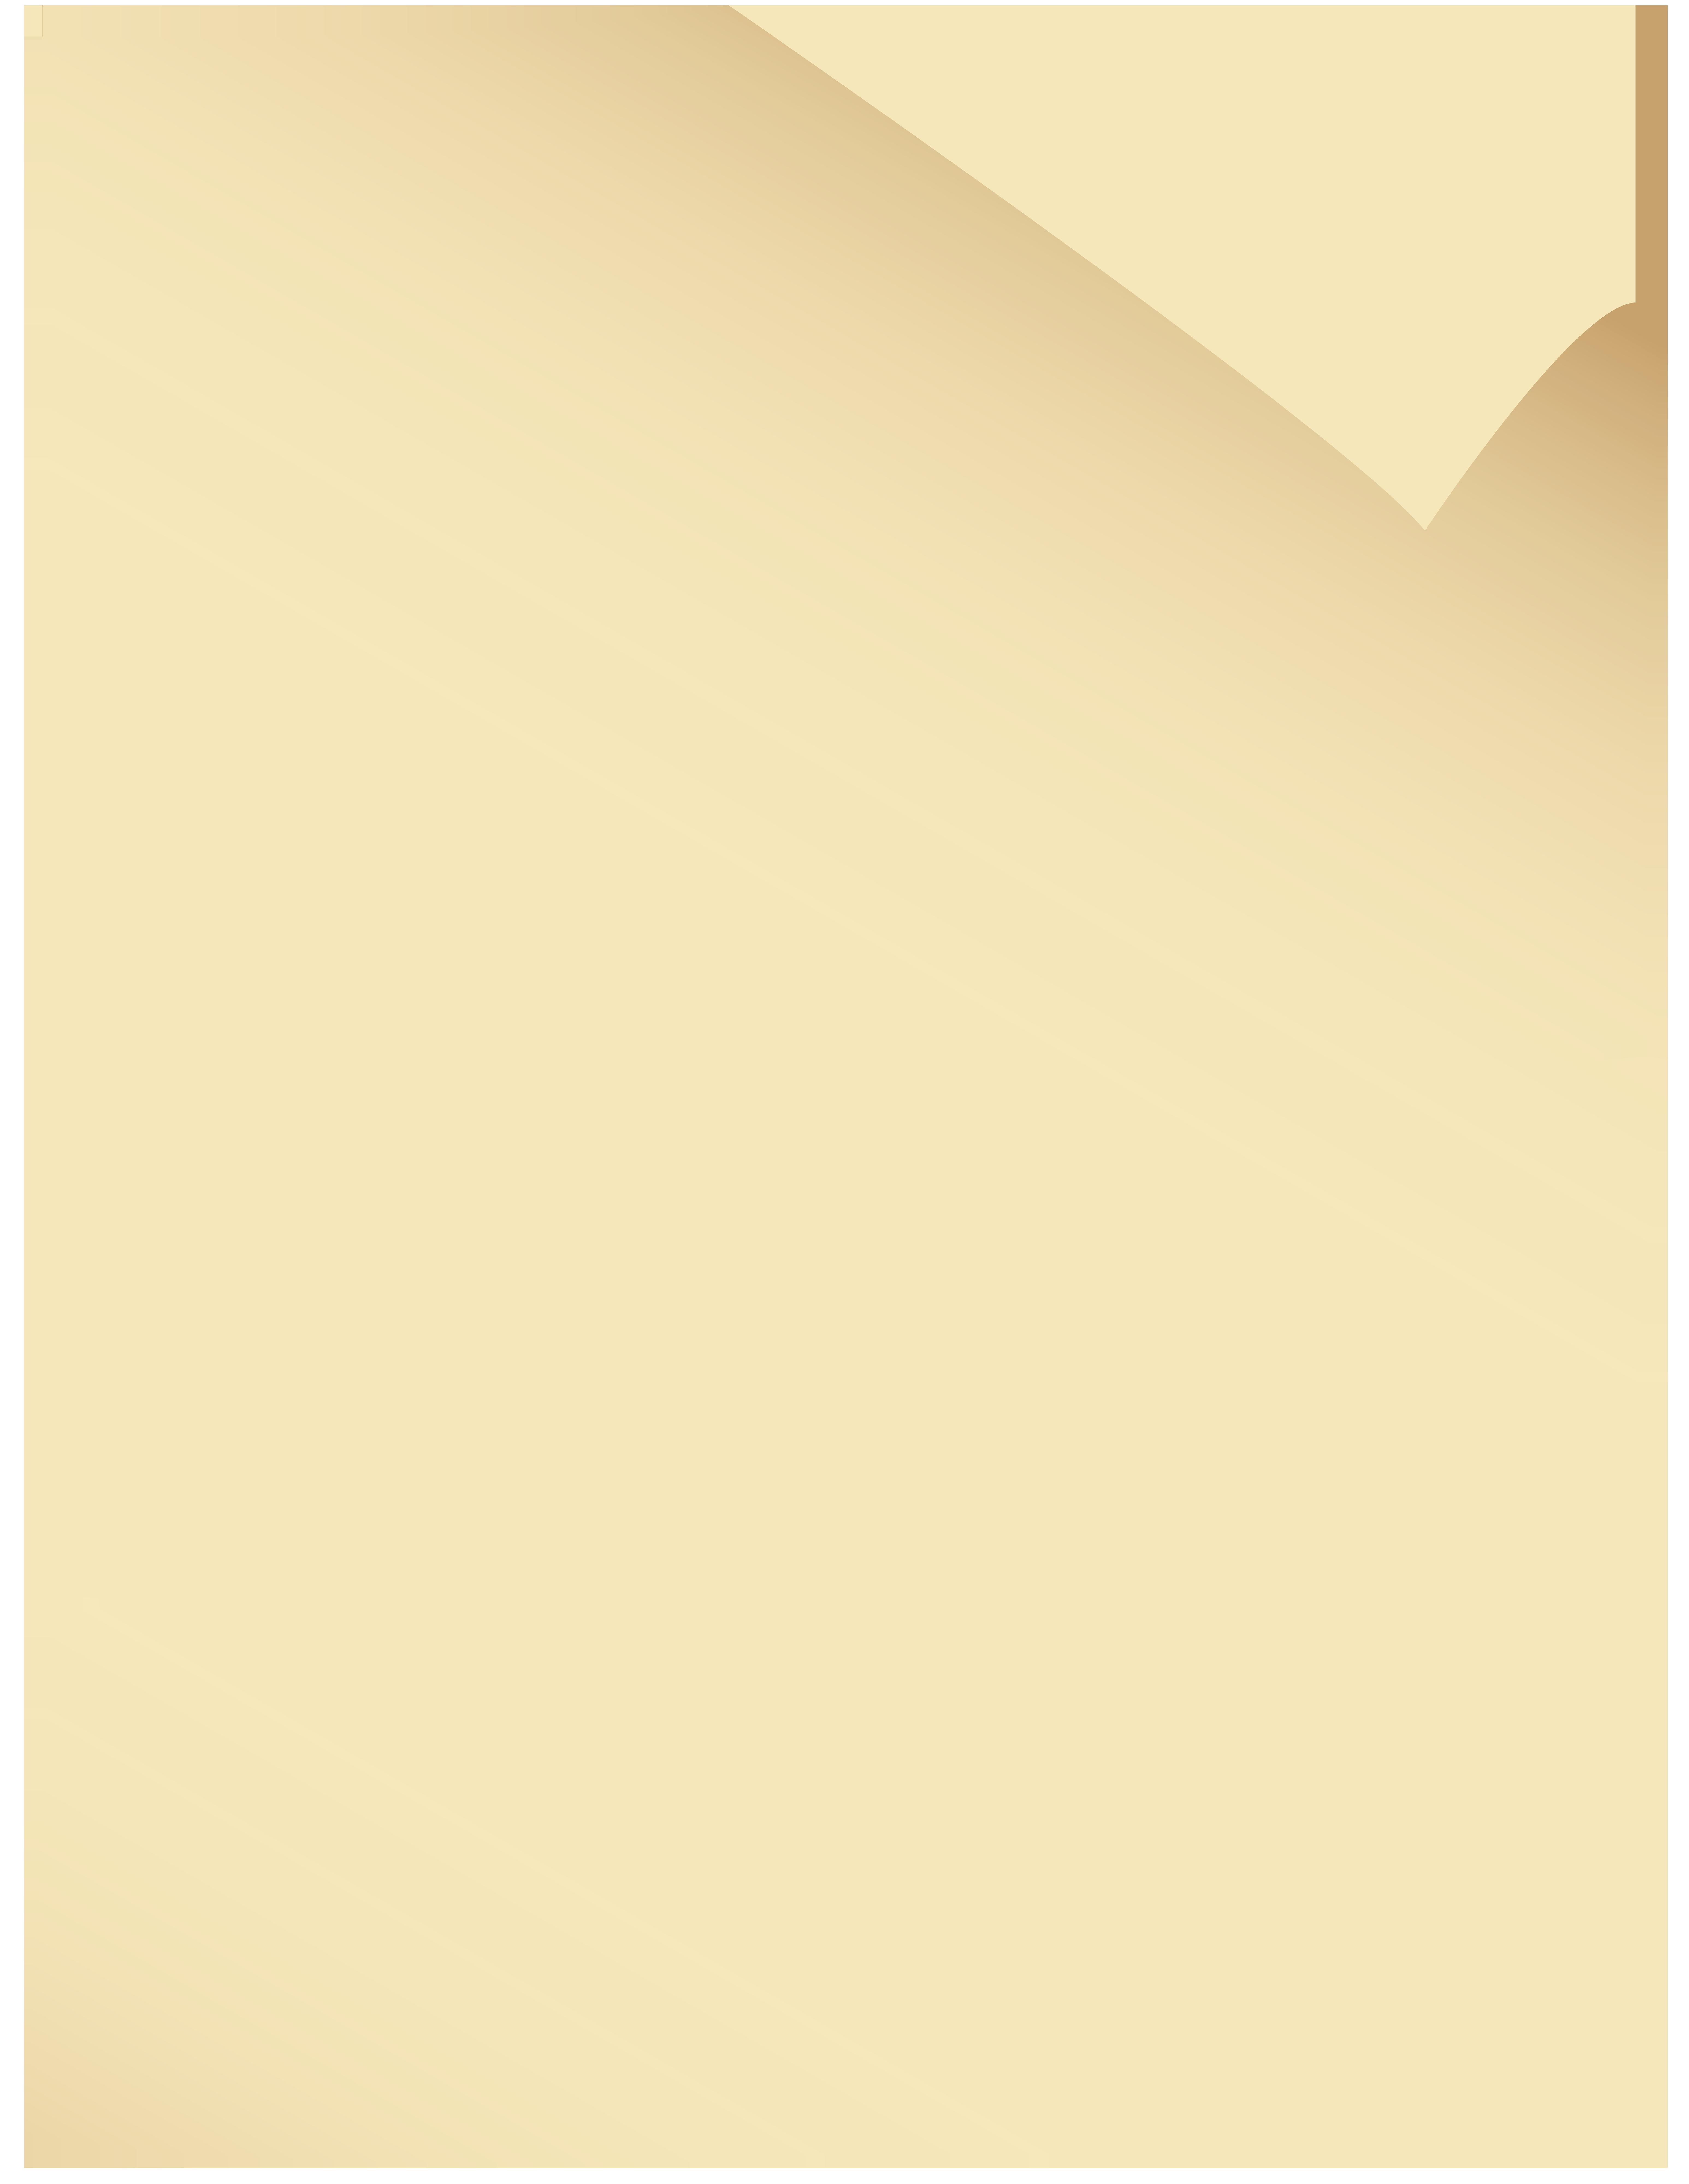 Old Paper Transparent PNG Clip Art Image.